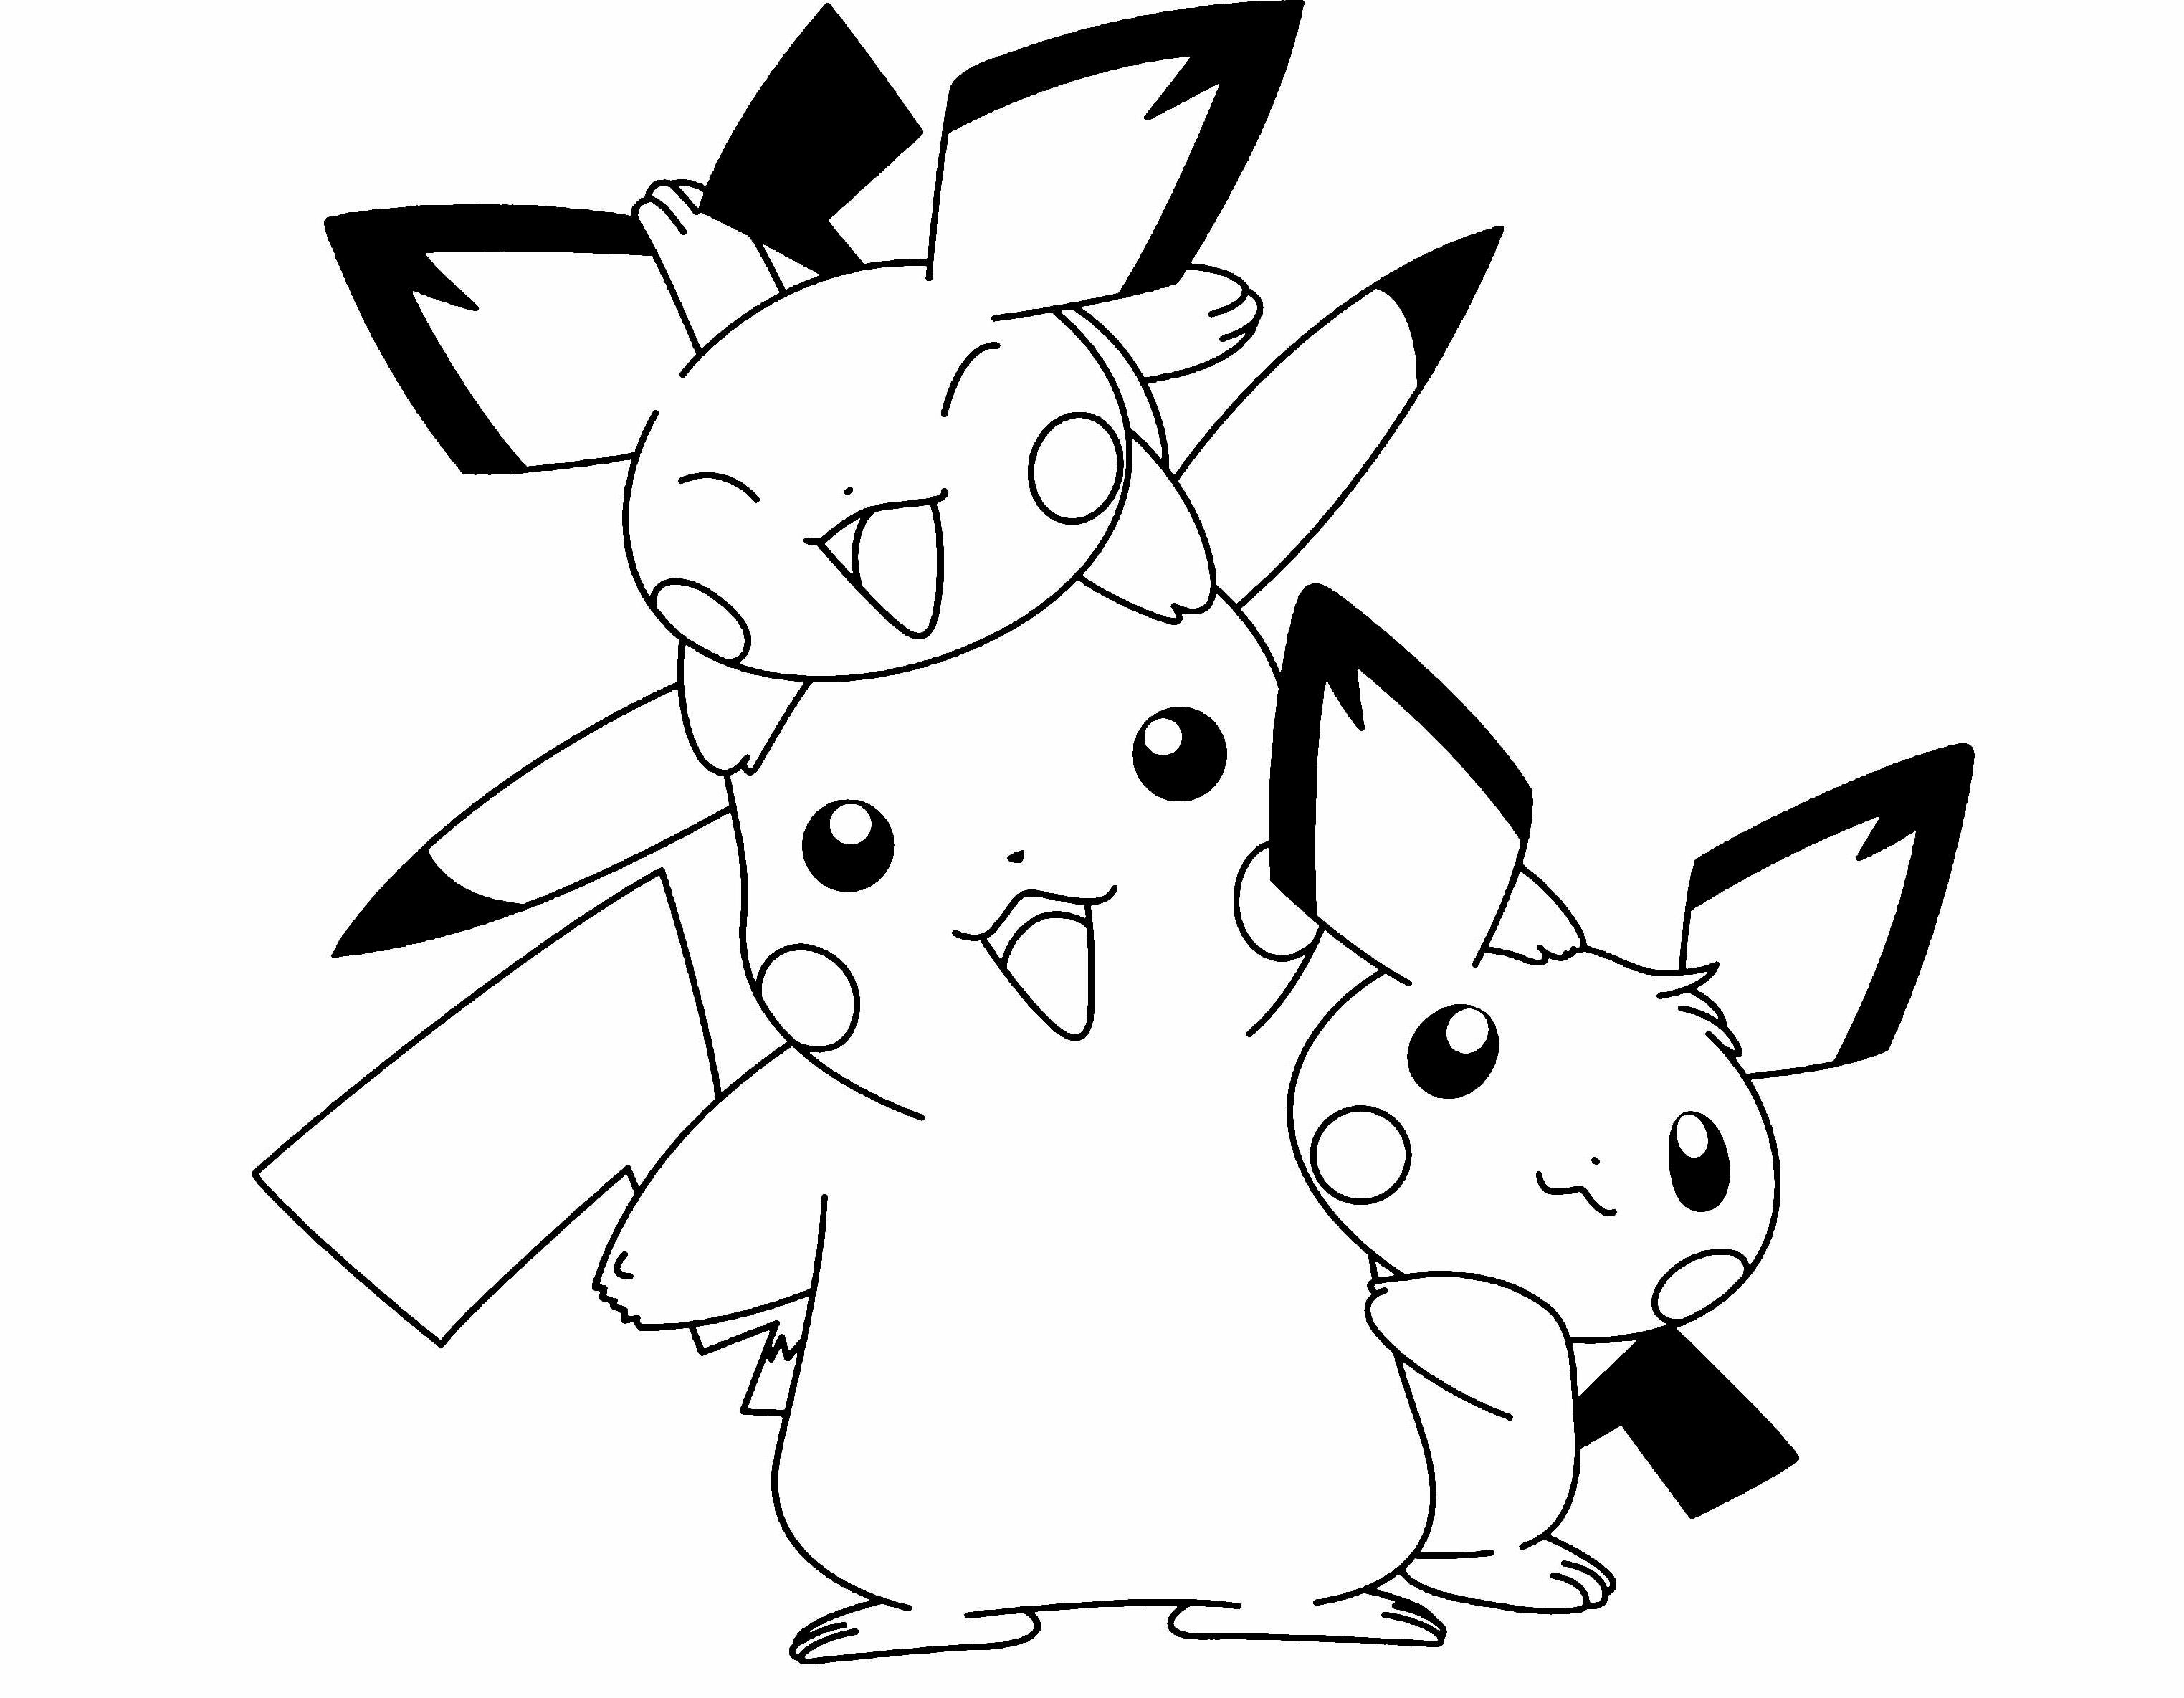 Tranh tô màu những chú pikachu ngộ nghĩnh